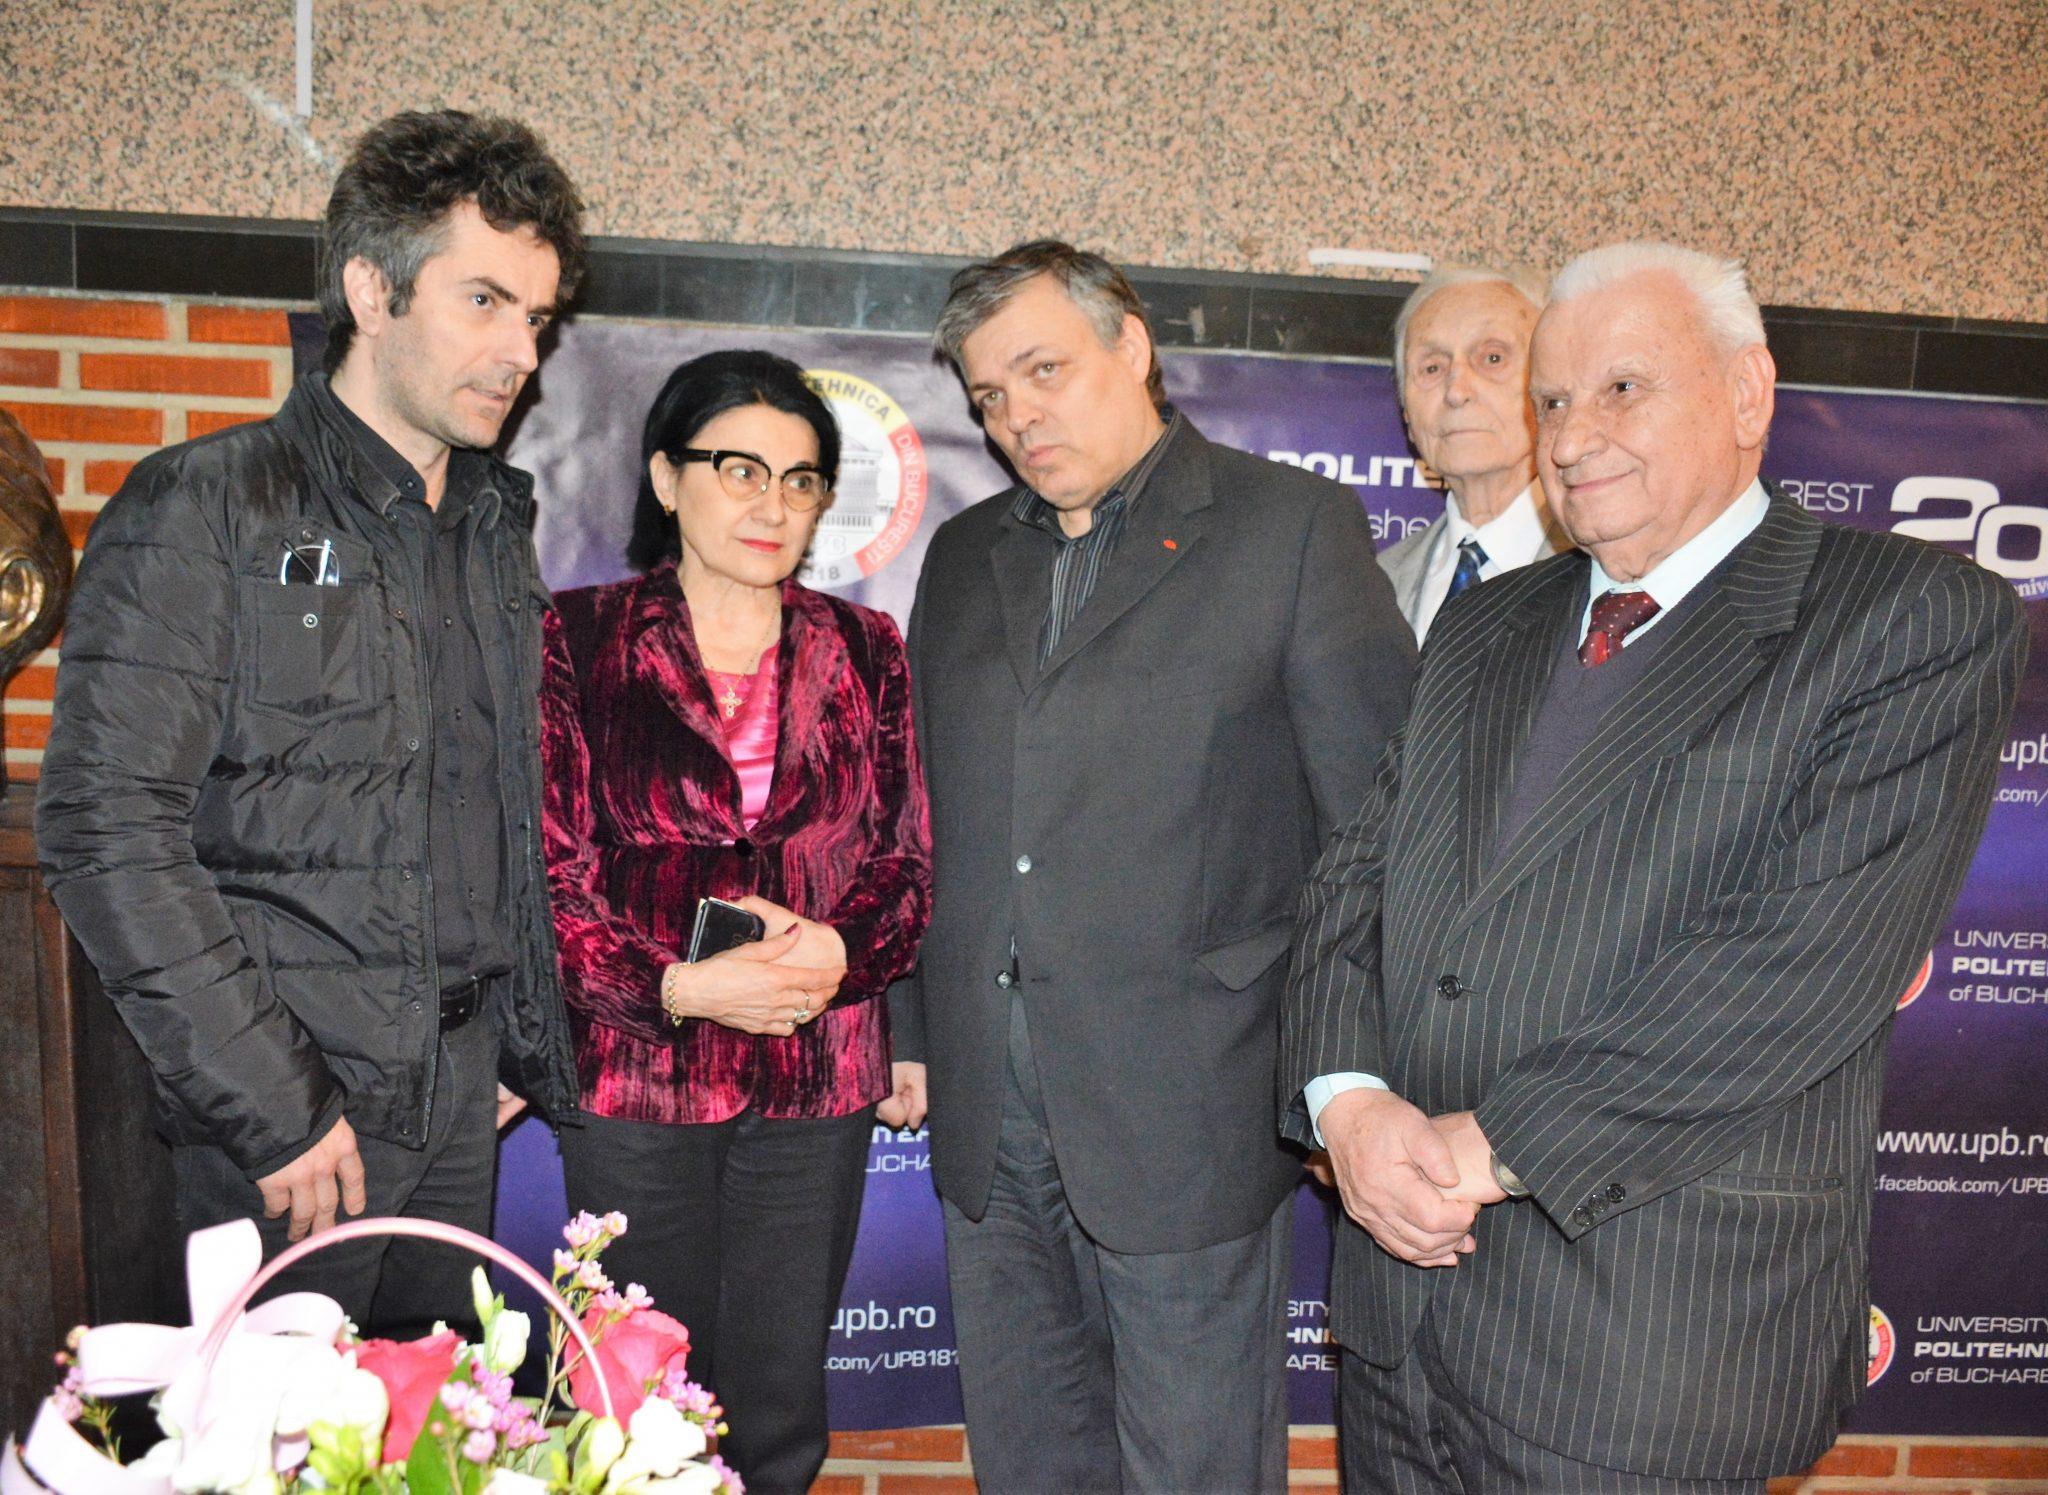 Ecaterina Andronescu, Sorin Mihăilescu, Alexandru Măruță, Constantin Cocenescu